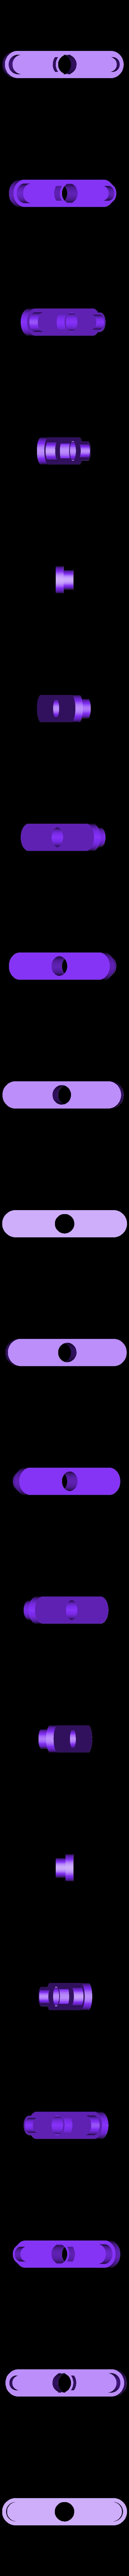 obtu_guide_filament_petit_oblong_perc├®.stl Télécharger fichier STL gratuit CAISSON DAGOMA - add-on obturateur/guide filament • Modèle à imprimer en 3D, badmax133